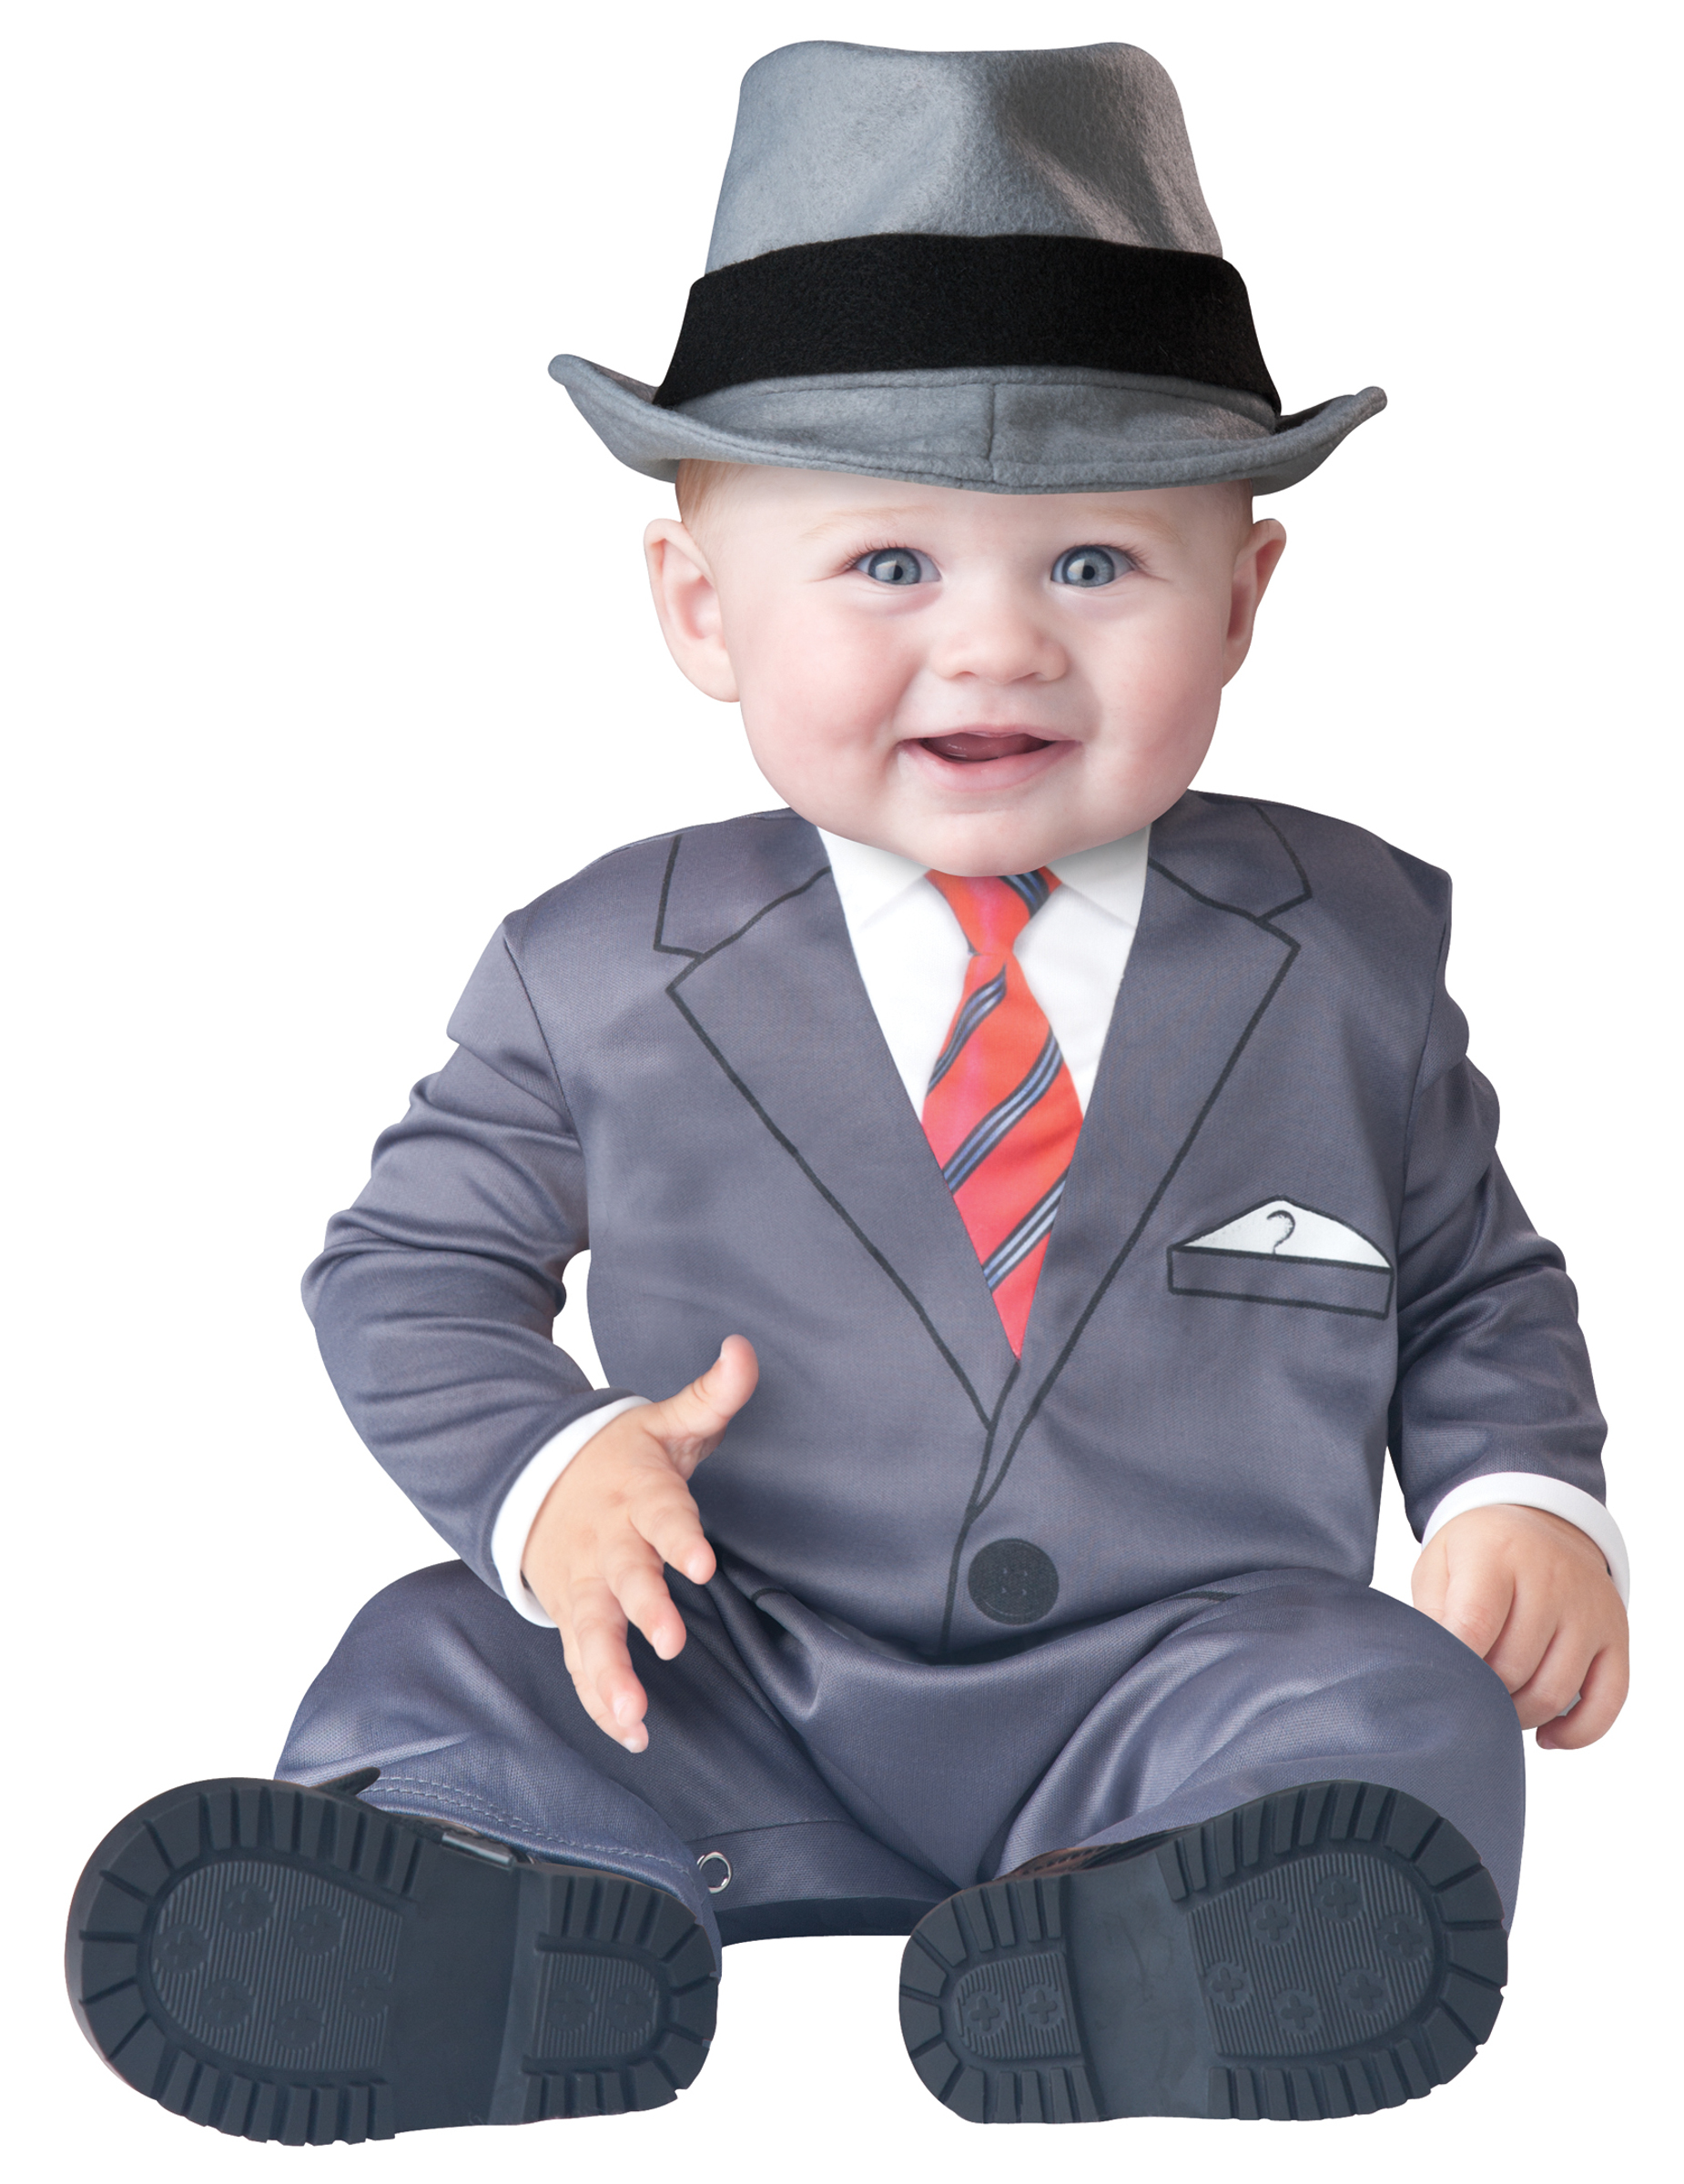 Vestiti Bambino Bambino Di Vestiti Di Carnevale Di Uomo Carnevale Uomo Vestiti Carnevale Bambino Z8O0wXNnPk